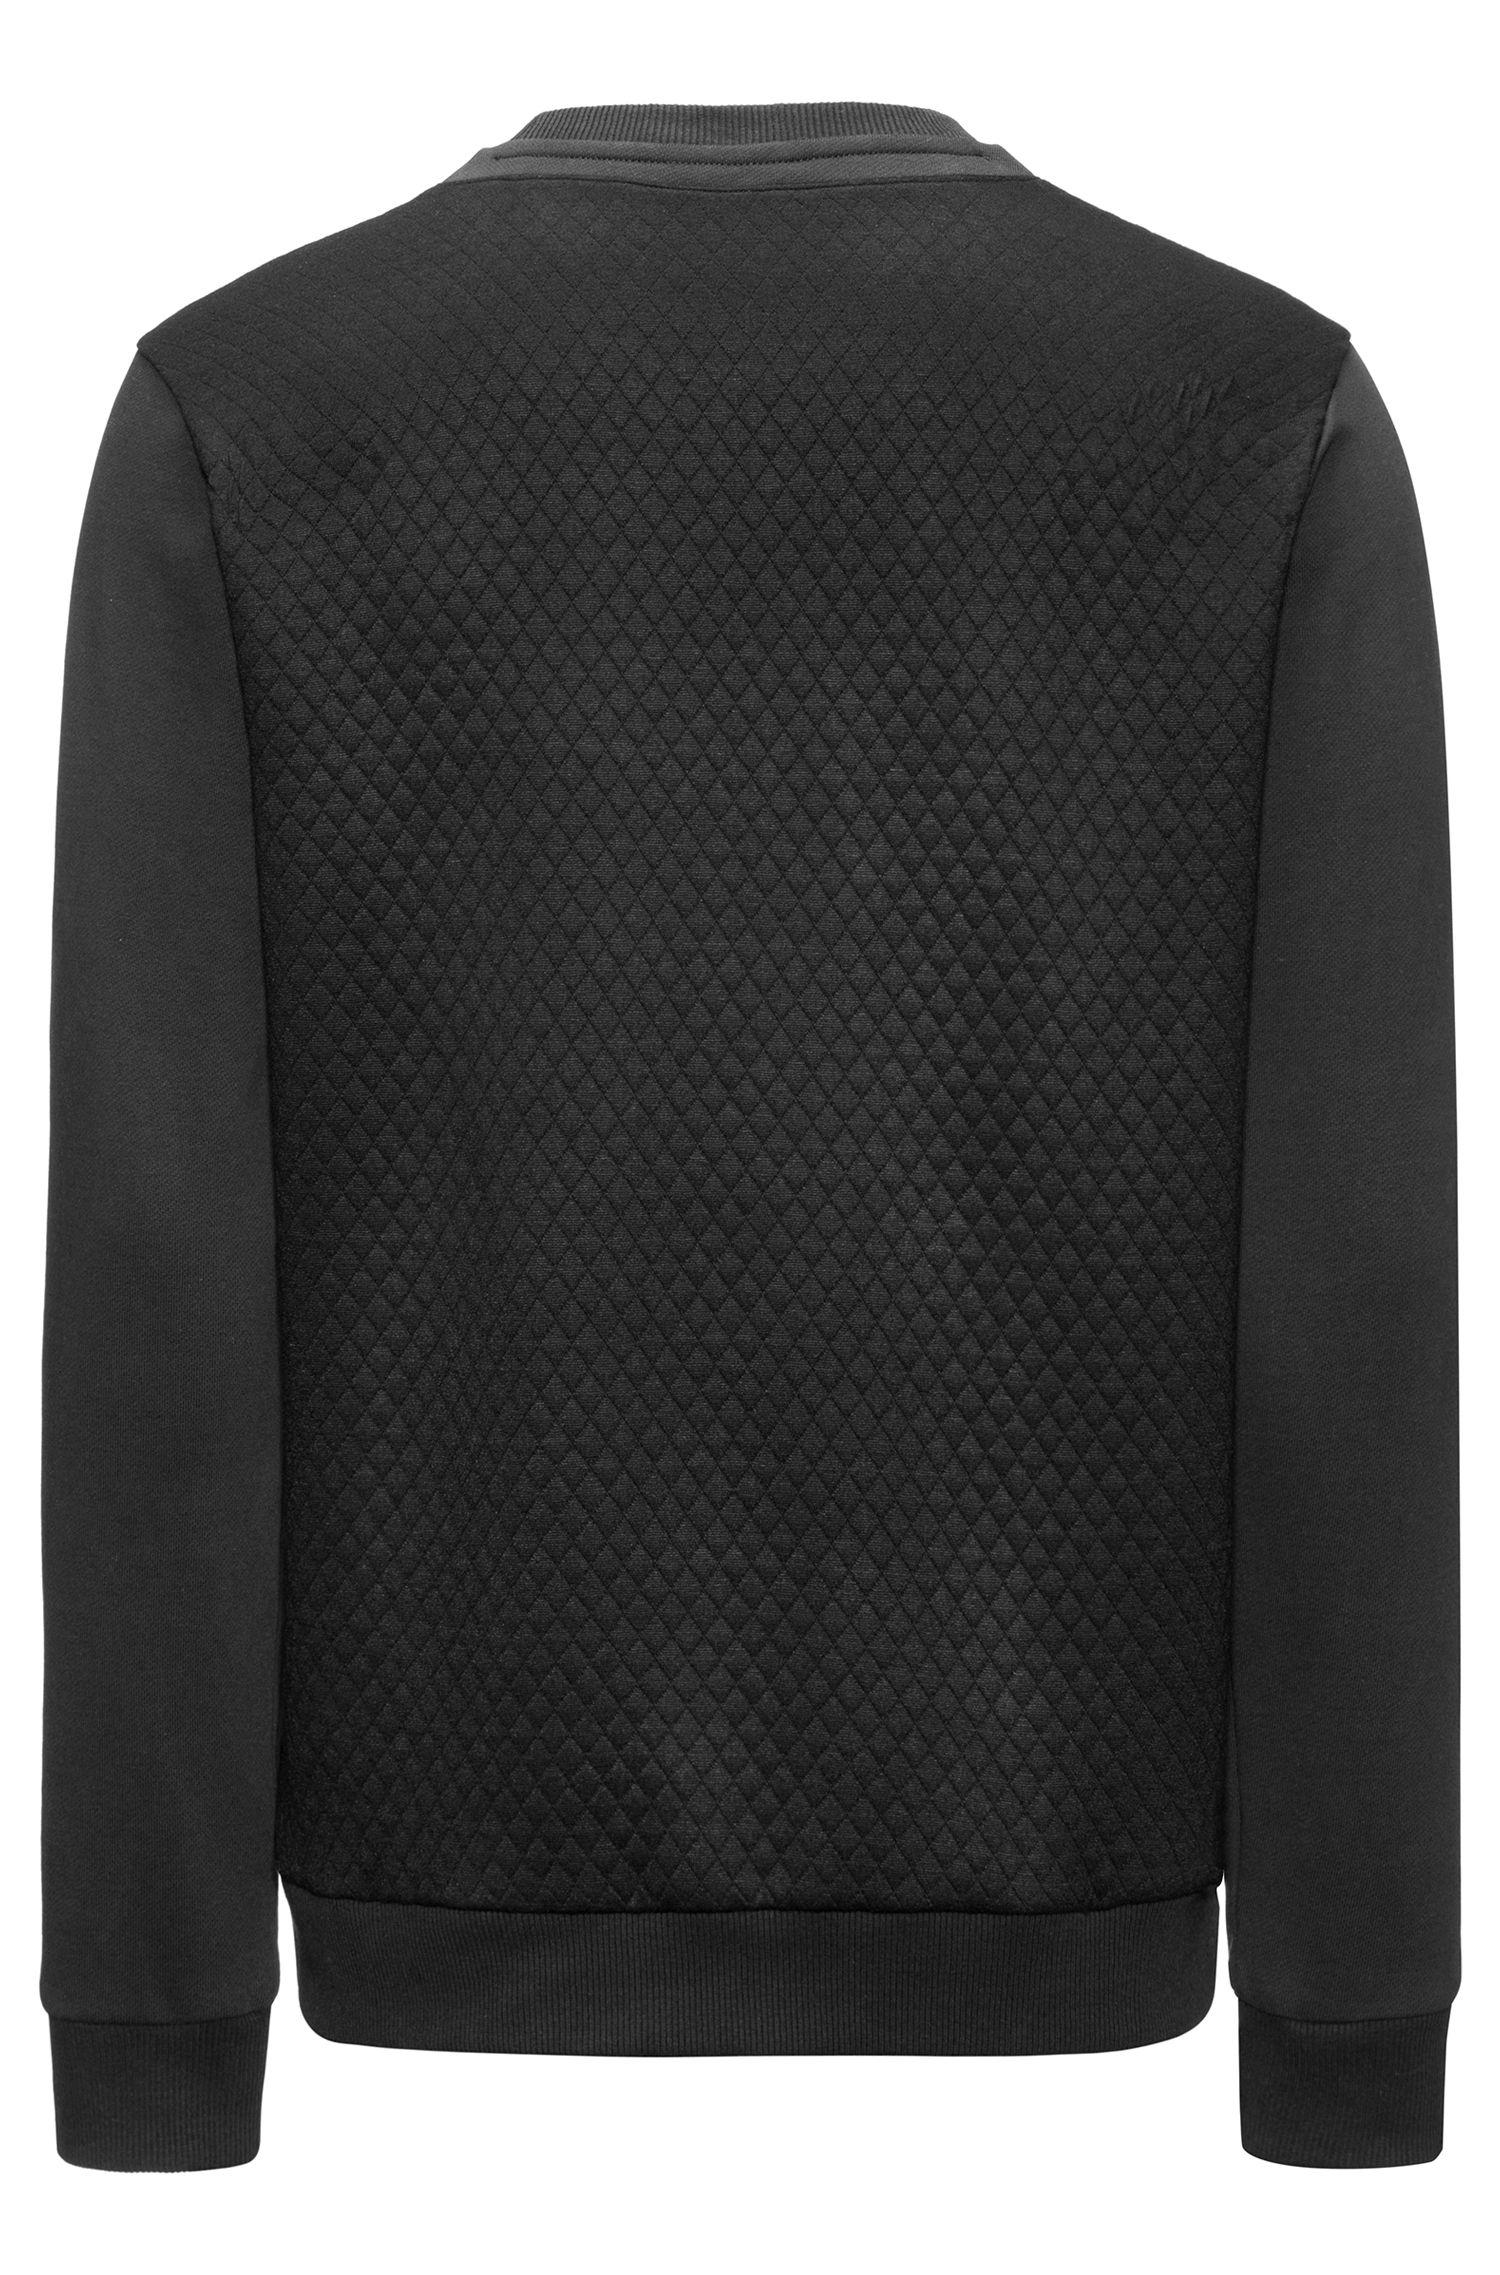 Maglione in cotone con pannelli trapuntati